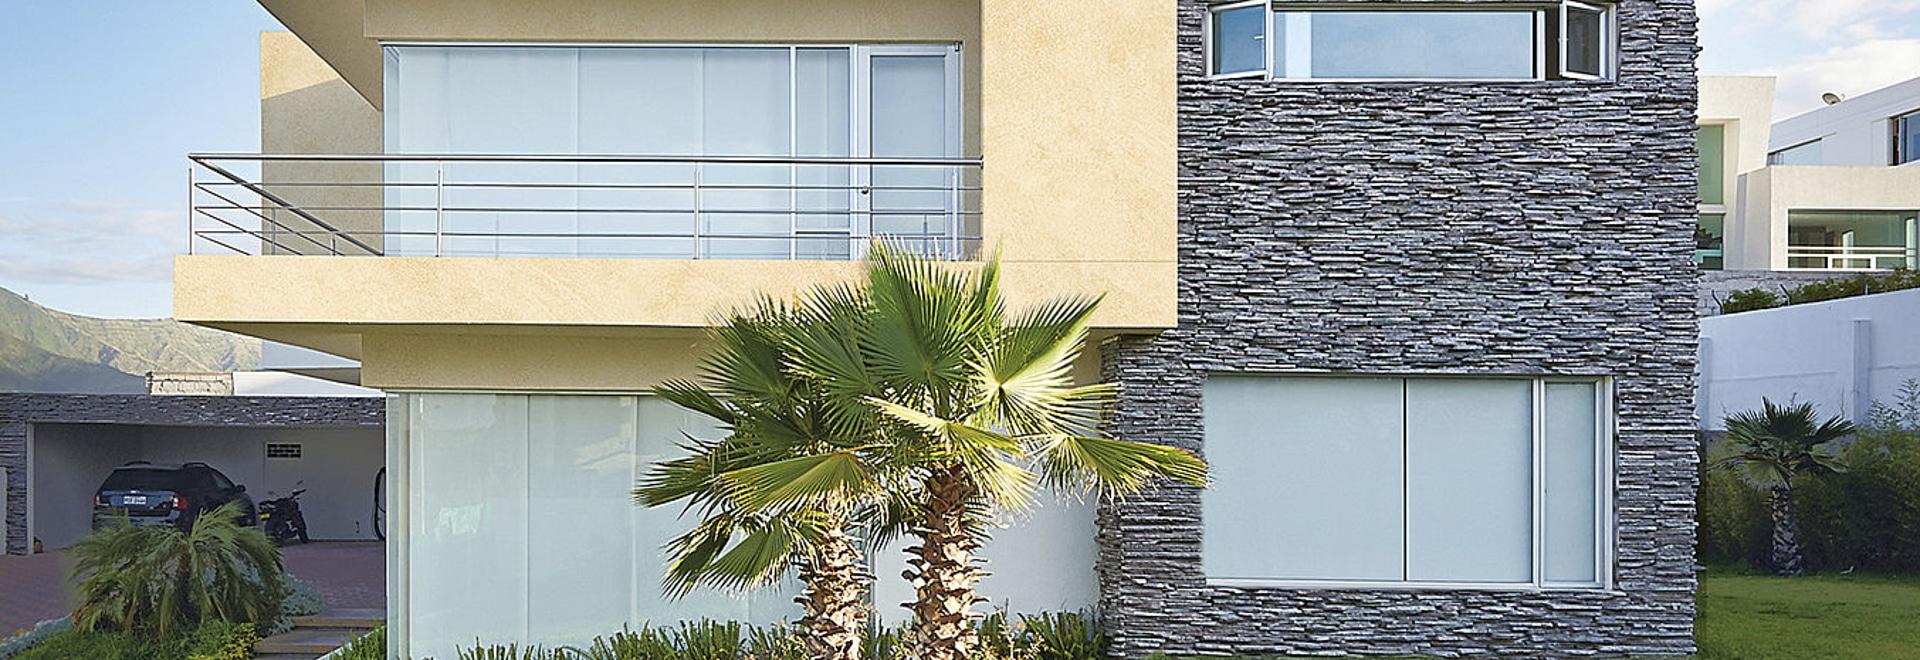 MINERALS Design - Panneaux en aluminium composite et tôle pour une architecture de style traditionnel